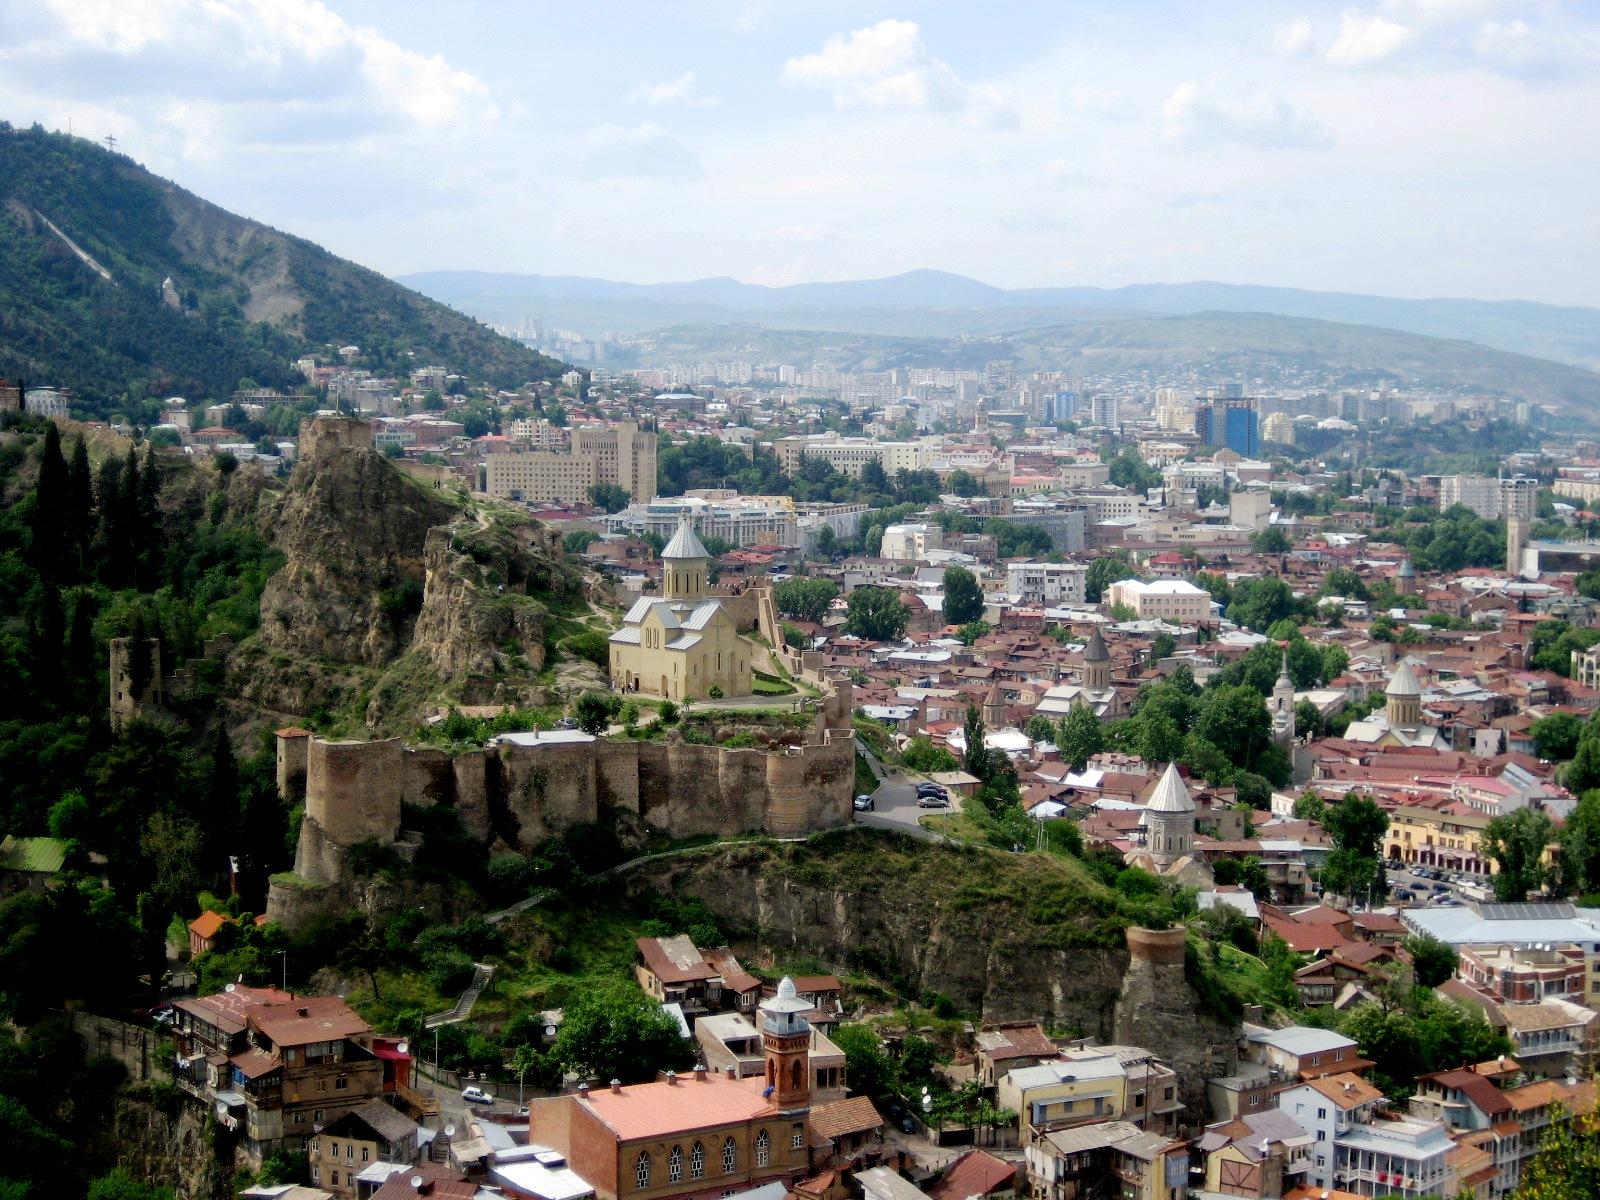 Tbilisi Tskneti Mountain Villa Tbilisi City Georgia: Tbilisi: A Beacon On Europe's Eastern Horizon